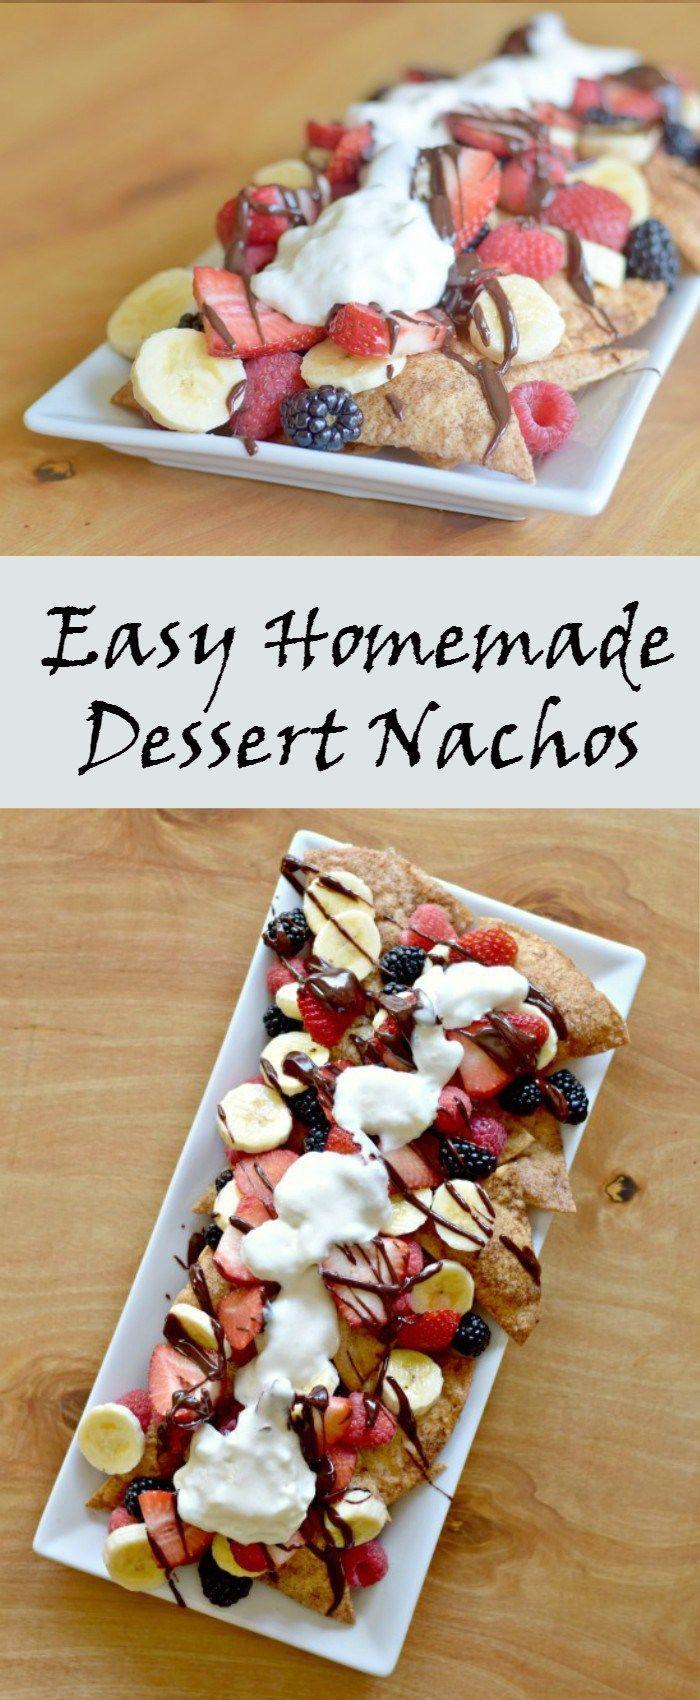 Easy spanish recipes for cinco de mayo